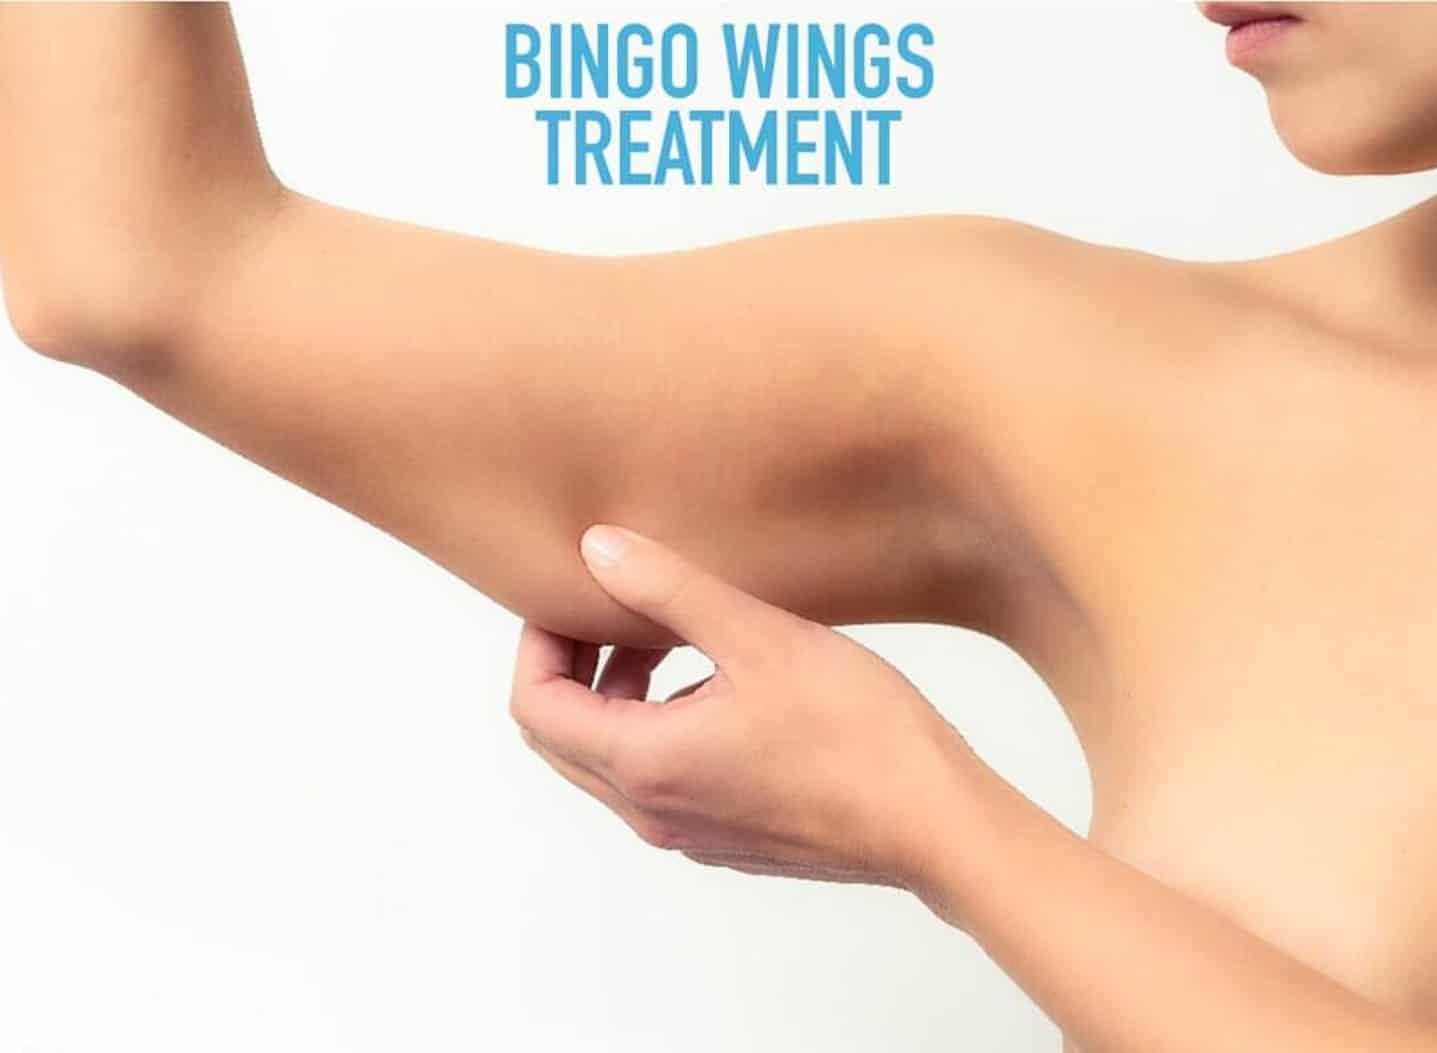 3D LIPO BINGO WINGS TREATMENT